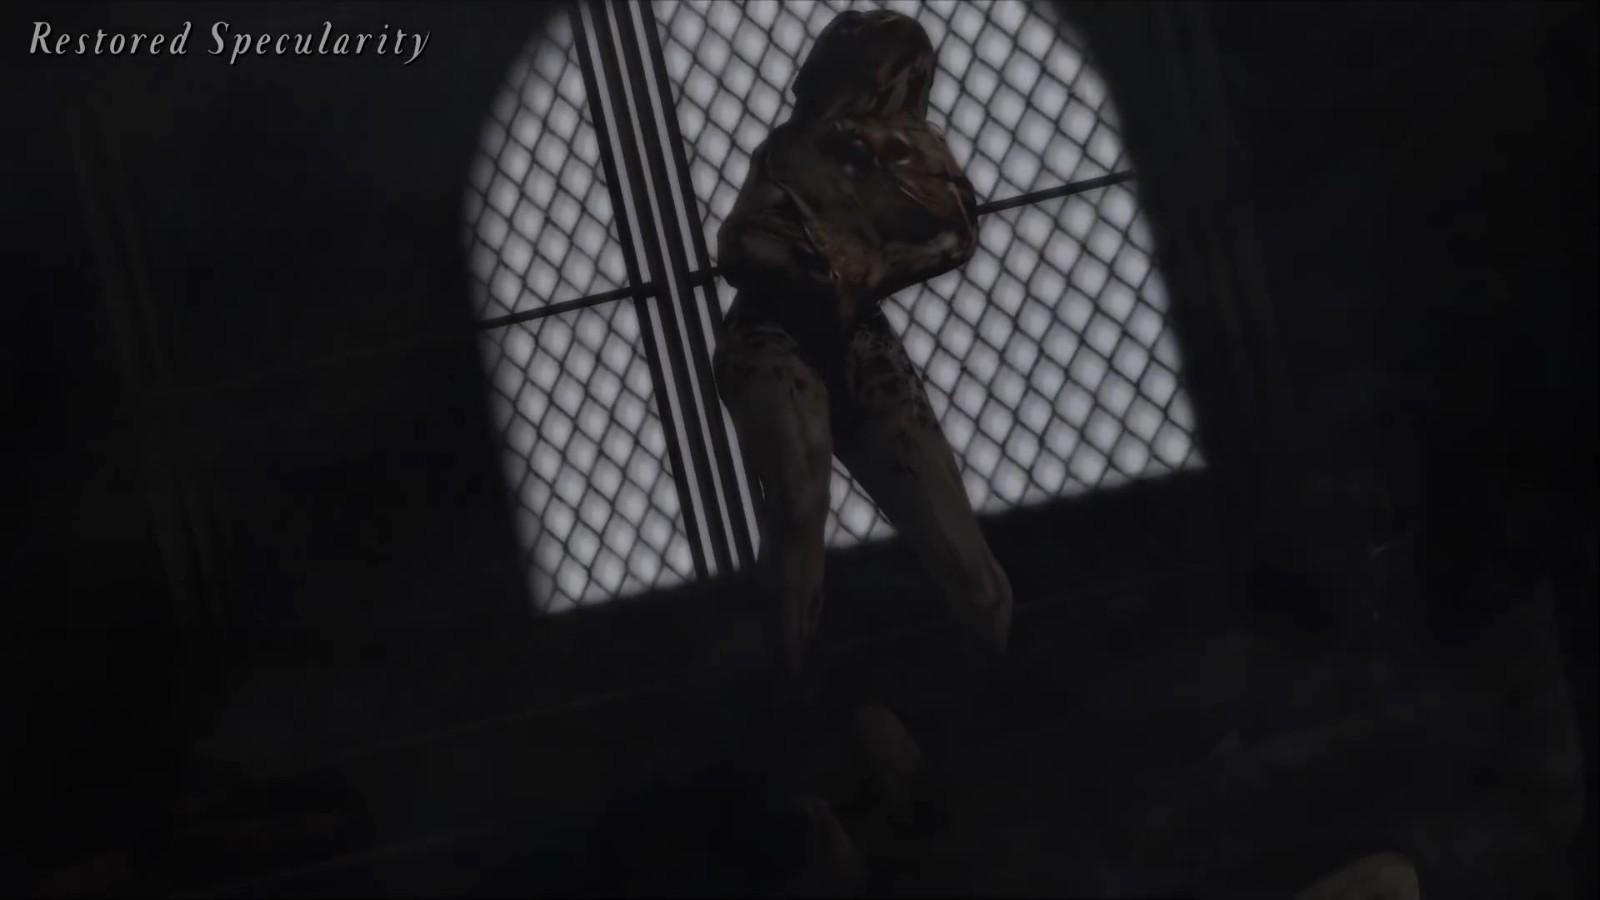 《寂静岭2:增强版》更新视频 加入高光反射效果